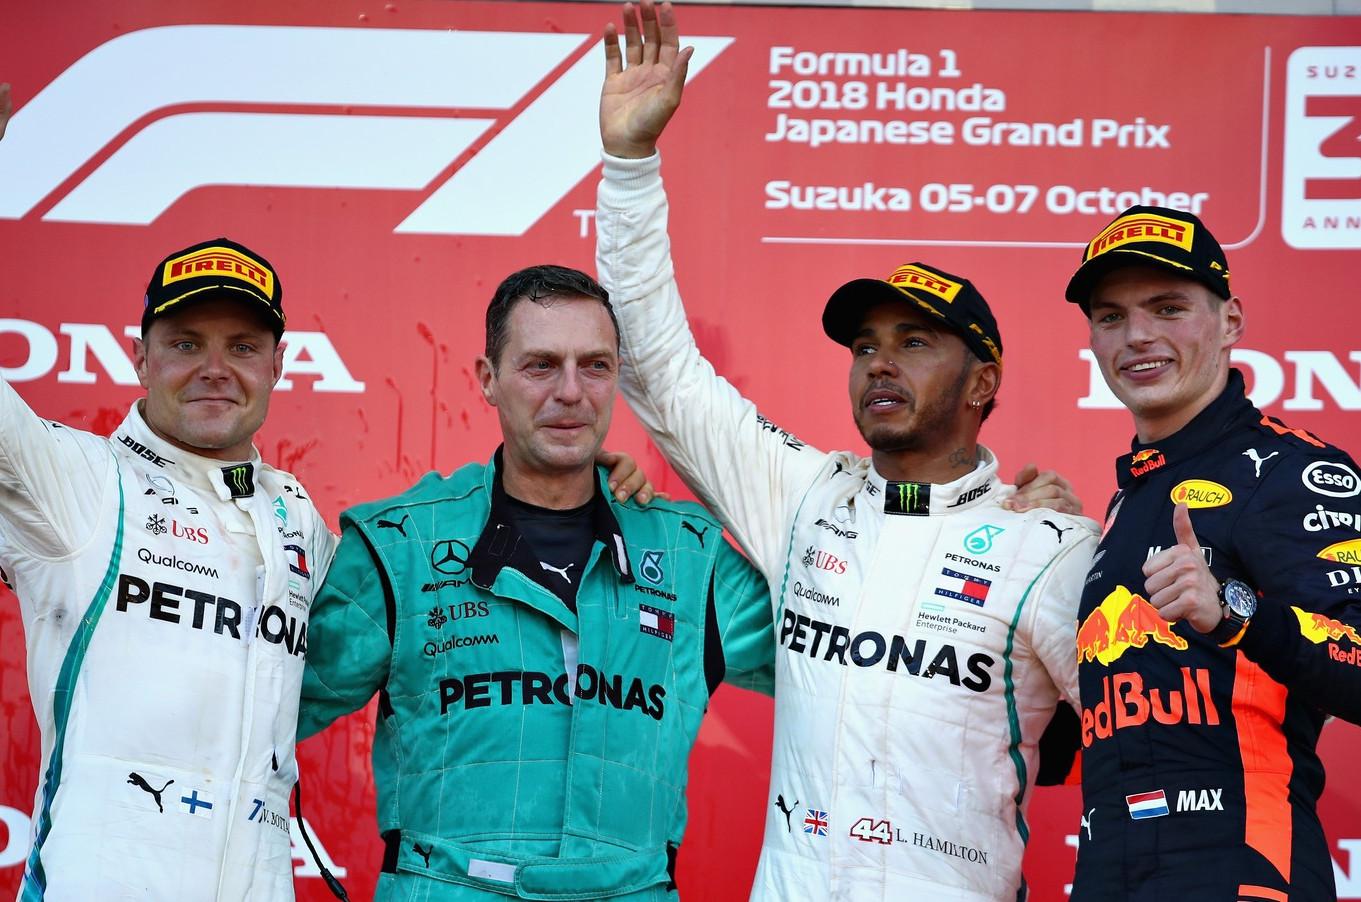 Bottas, Hamilton e Verstappen no pódio do Grande Prêmio do Japão de Fórmula 1. (Foto: Mark Thompson/Getty Images)